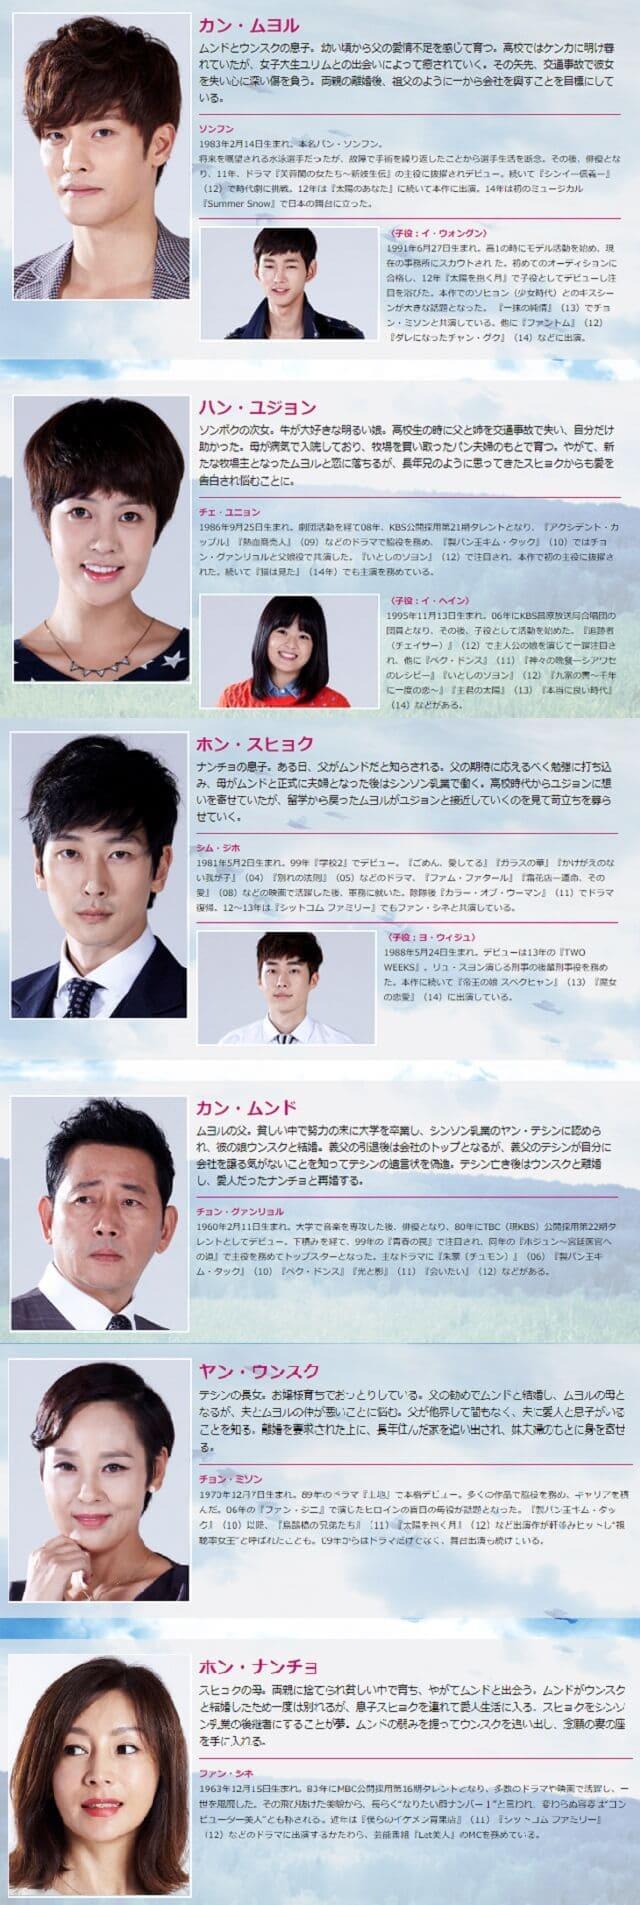 韓流・韓国ドラマ『熱愛』の出演者(キャスト・スタッフ紹介)